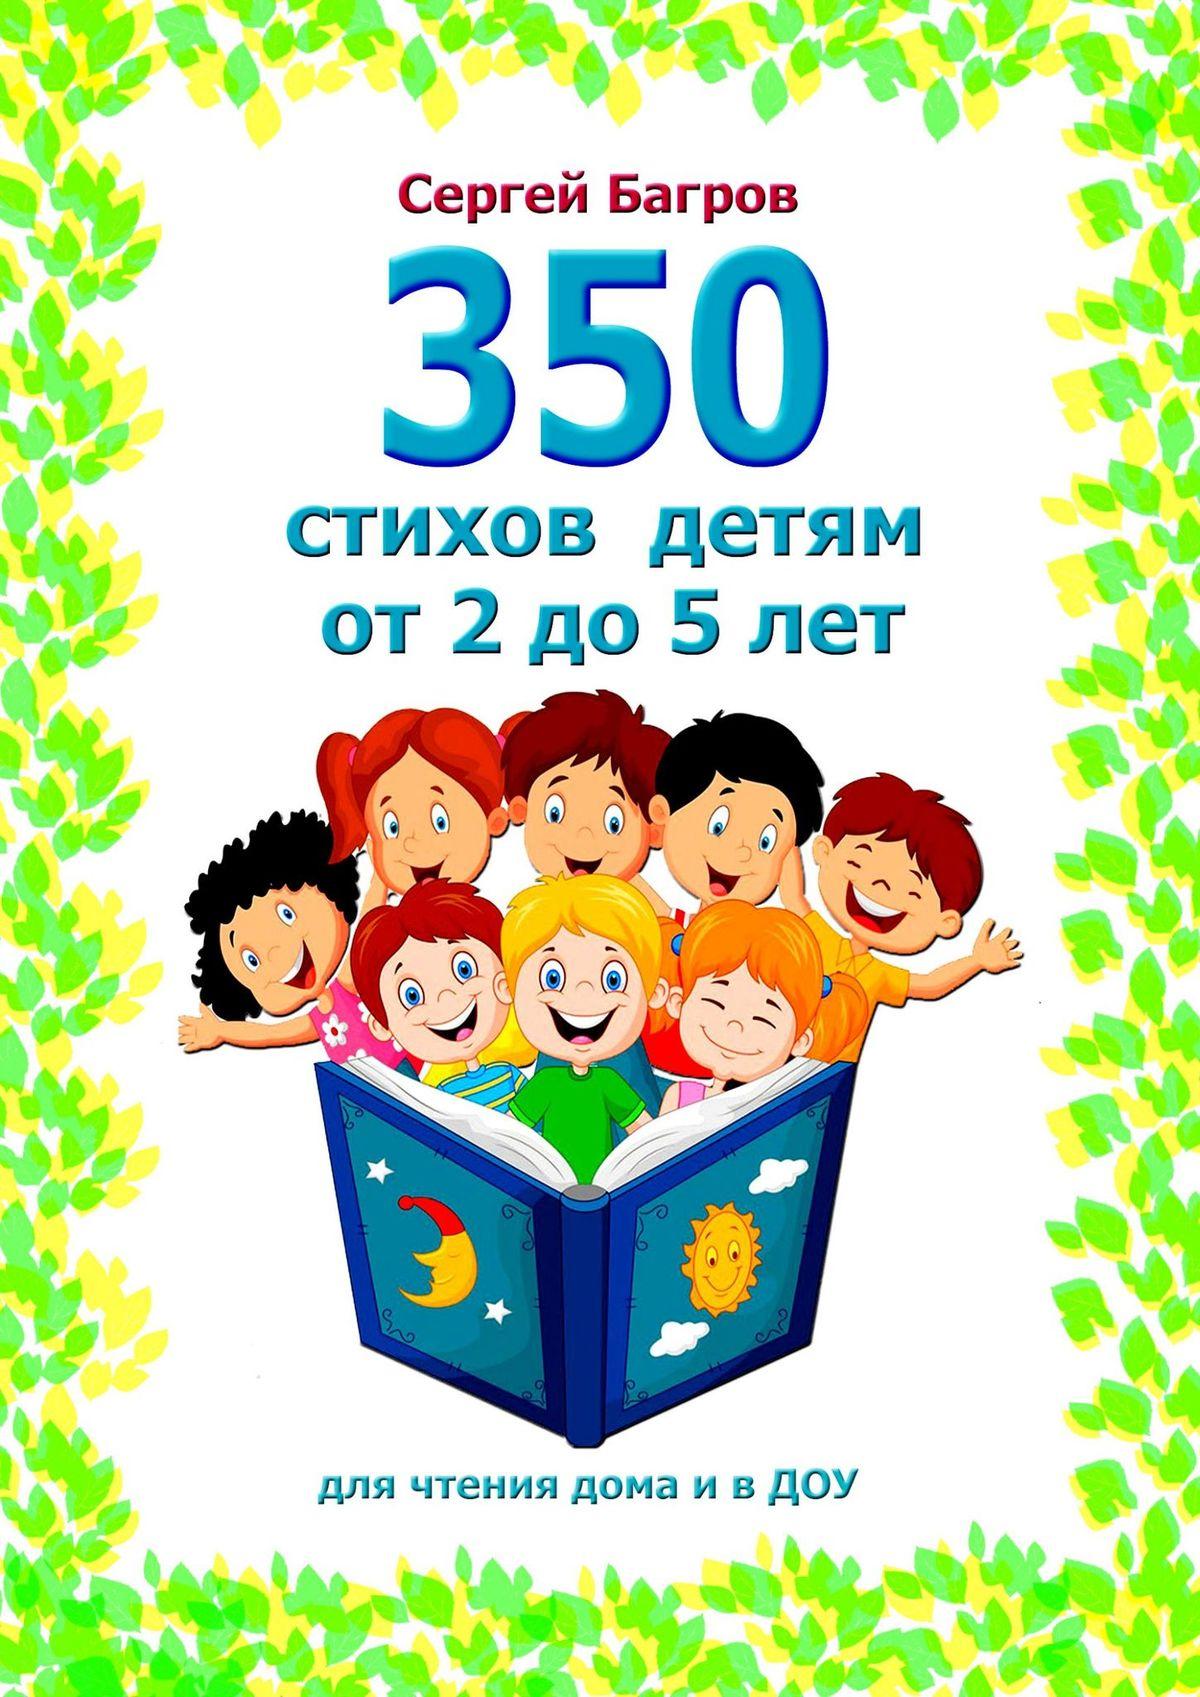 Купить книгу 350стихов для детей от2до5лет. Для чтения дома и в ДОУ, автора Сергея Багрова